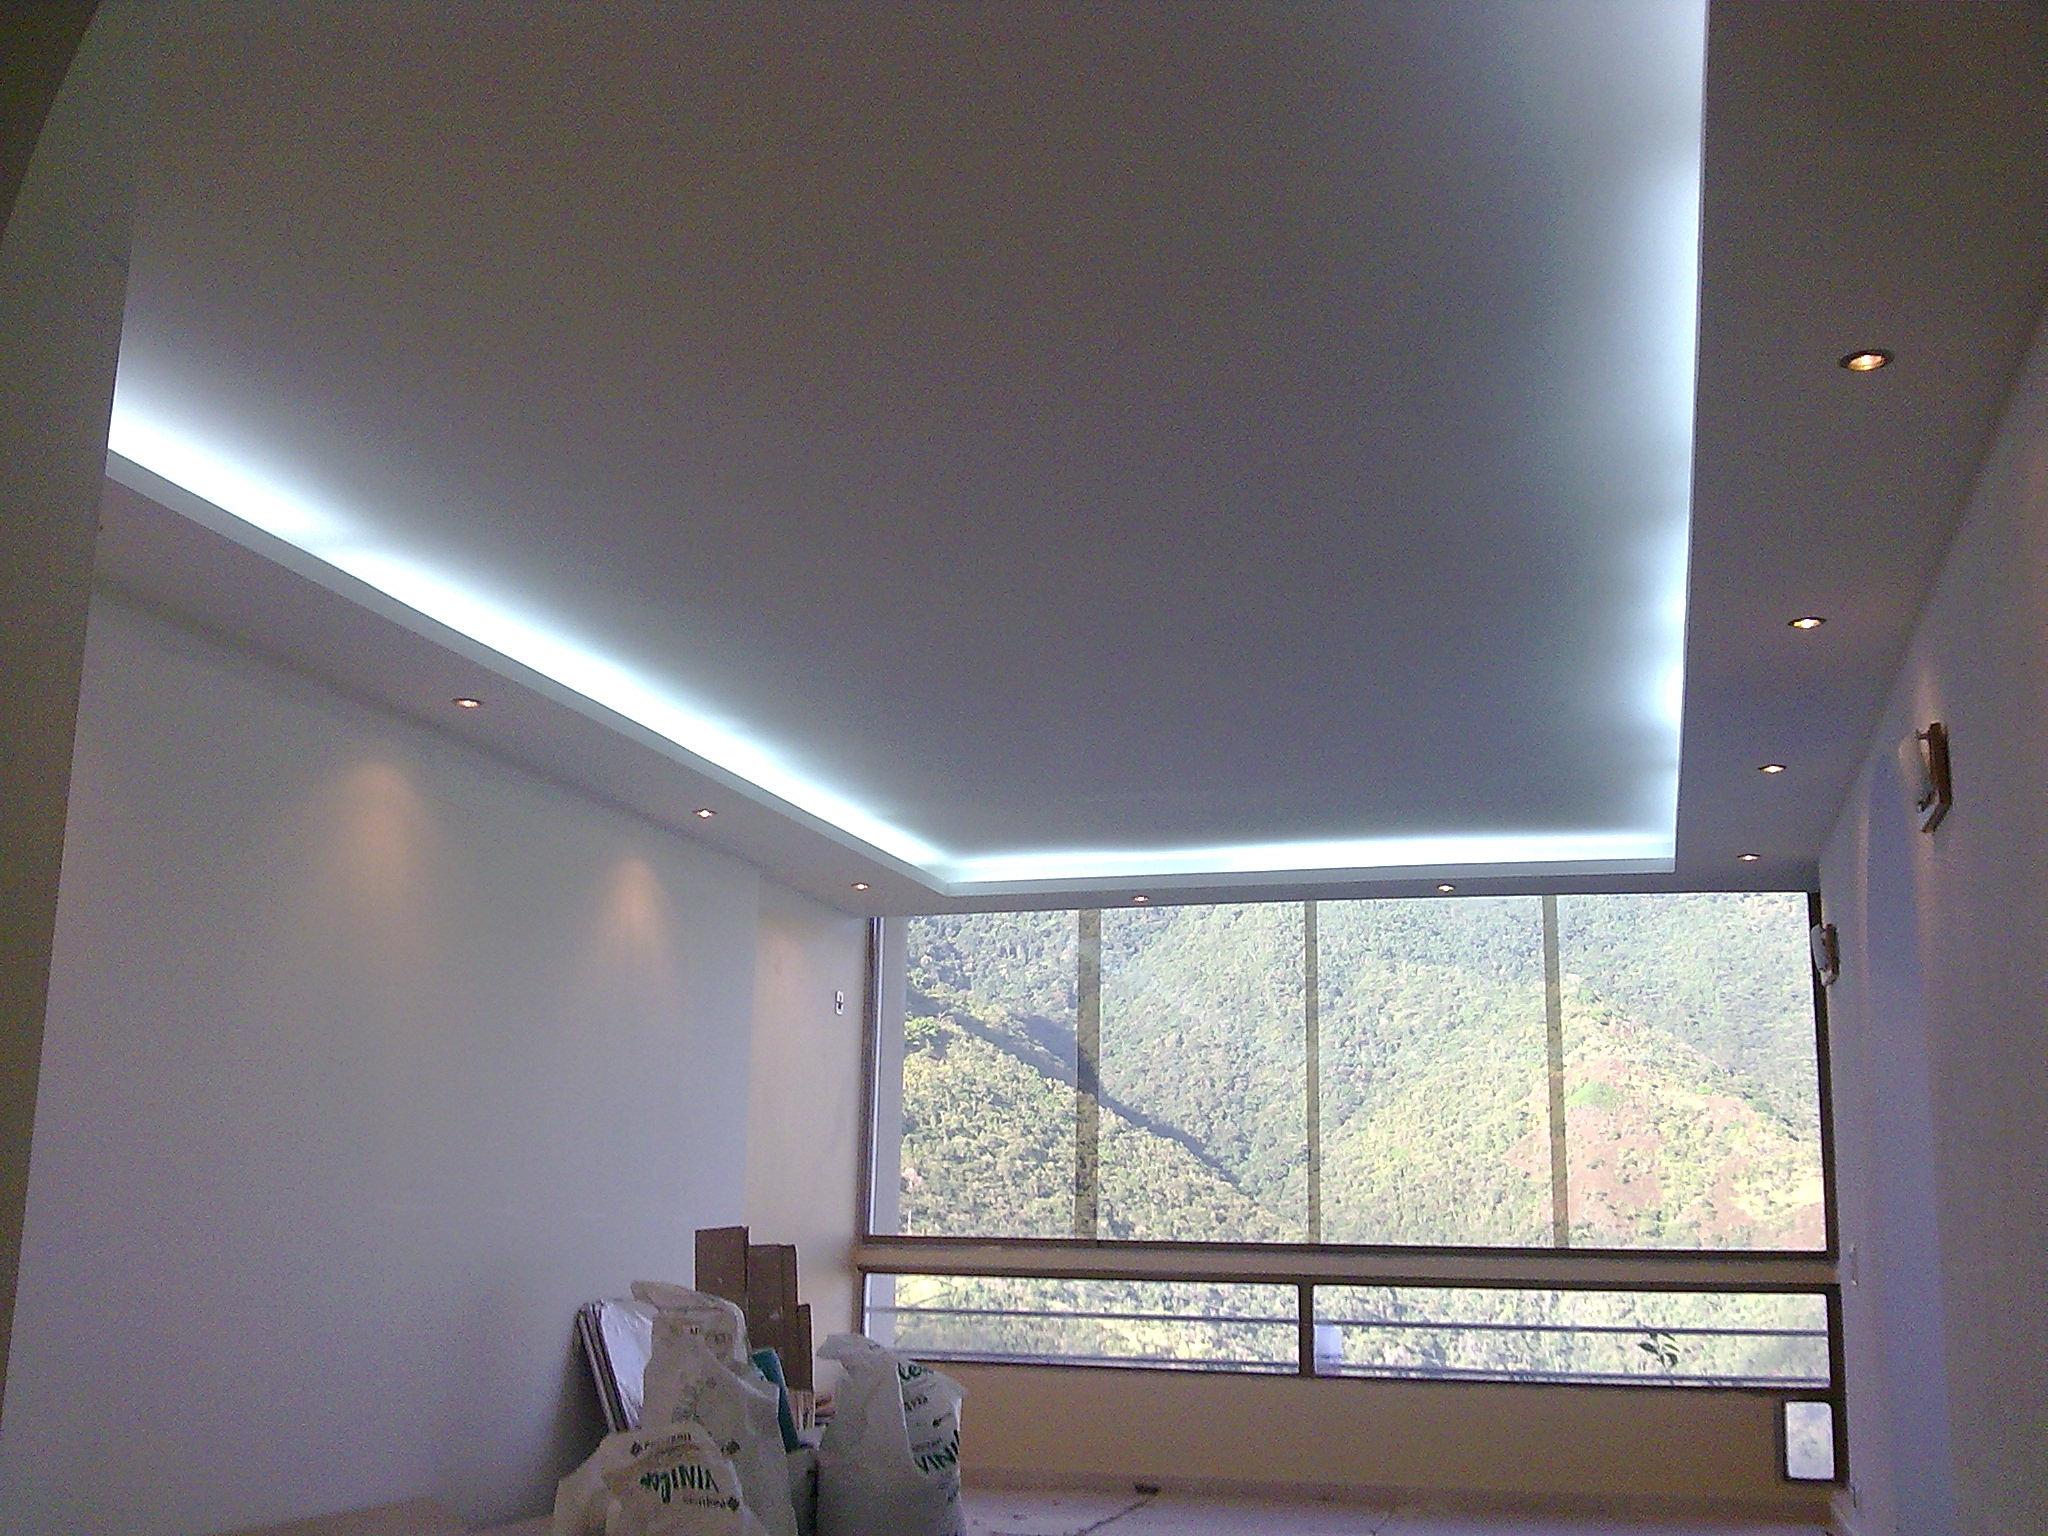 Instalaci n de drywall en caracas drywall venezuela for Techos de drywall para dormitorios